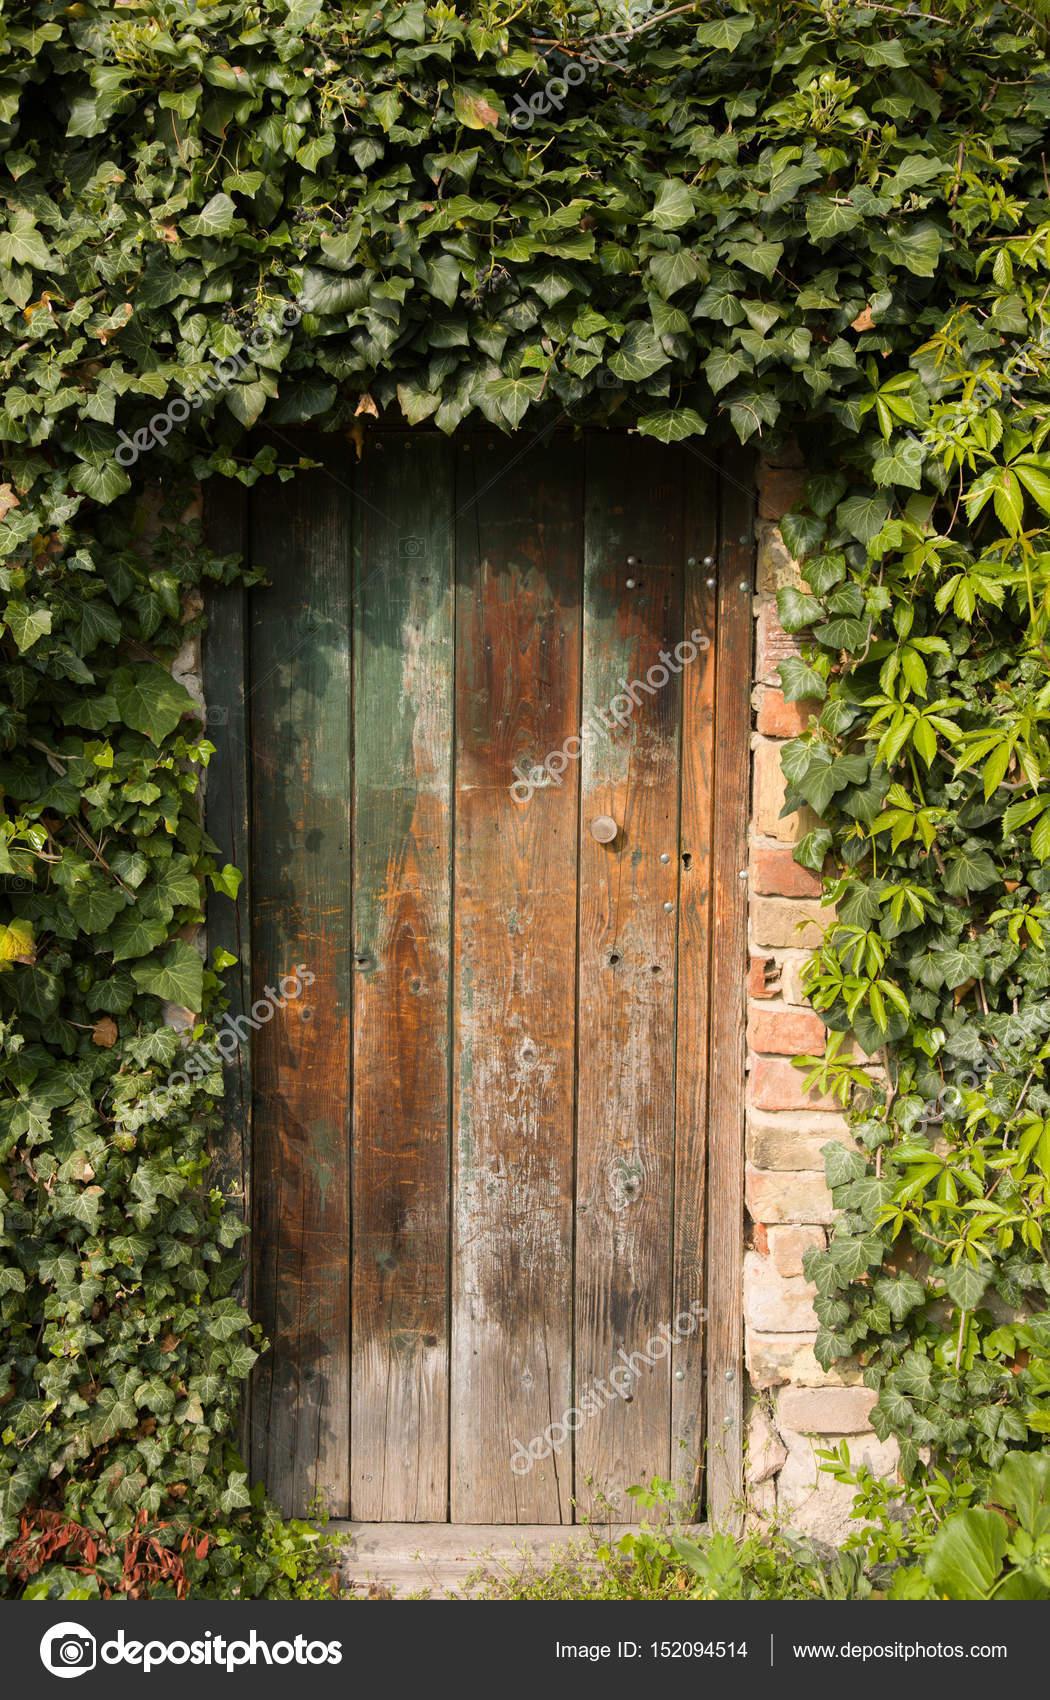 Romantique vieux bois porte de jardin en plein air, entouré ...